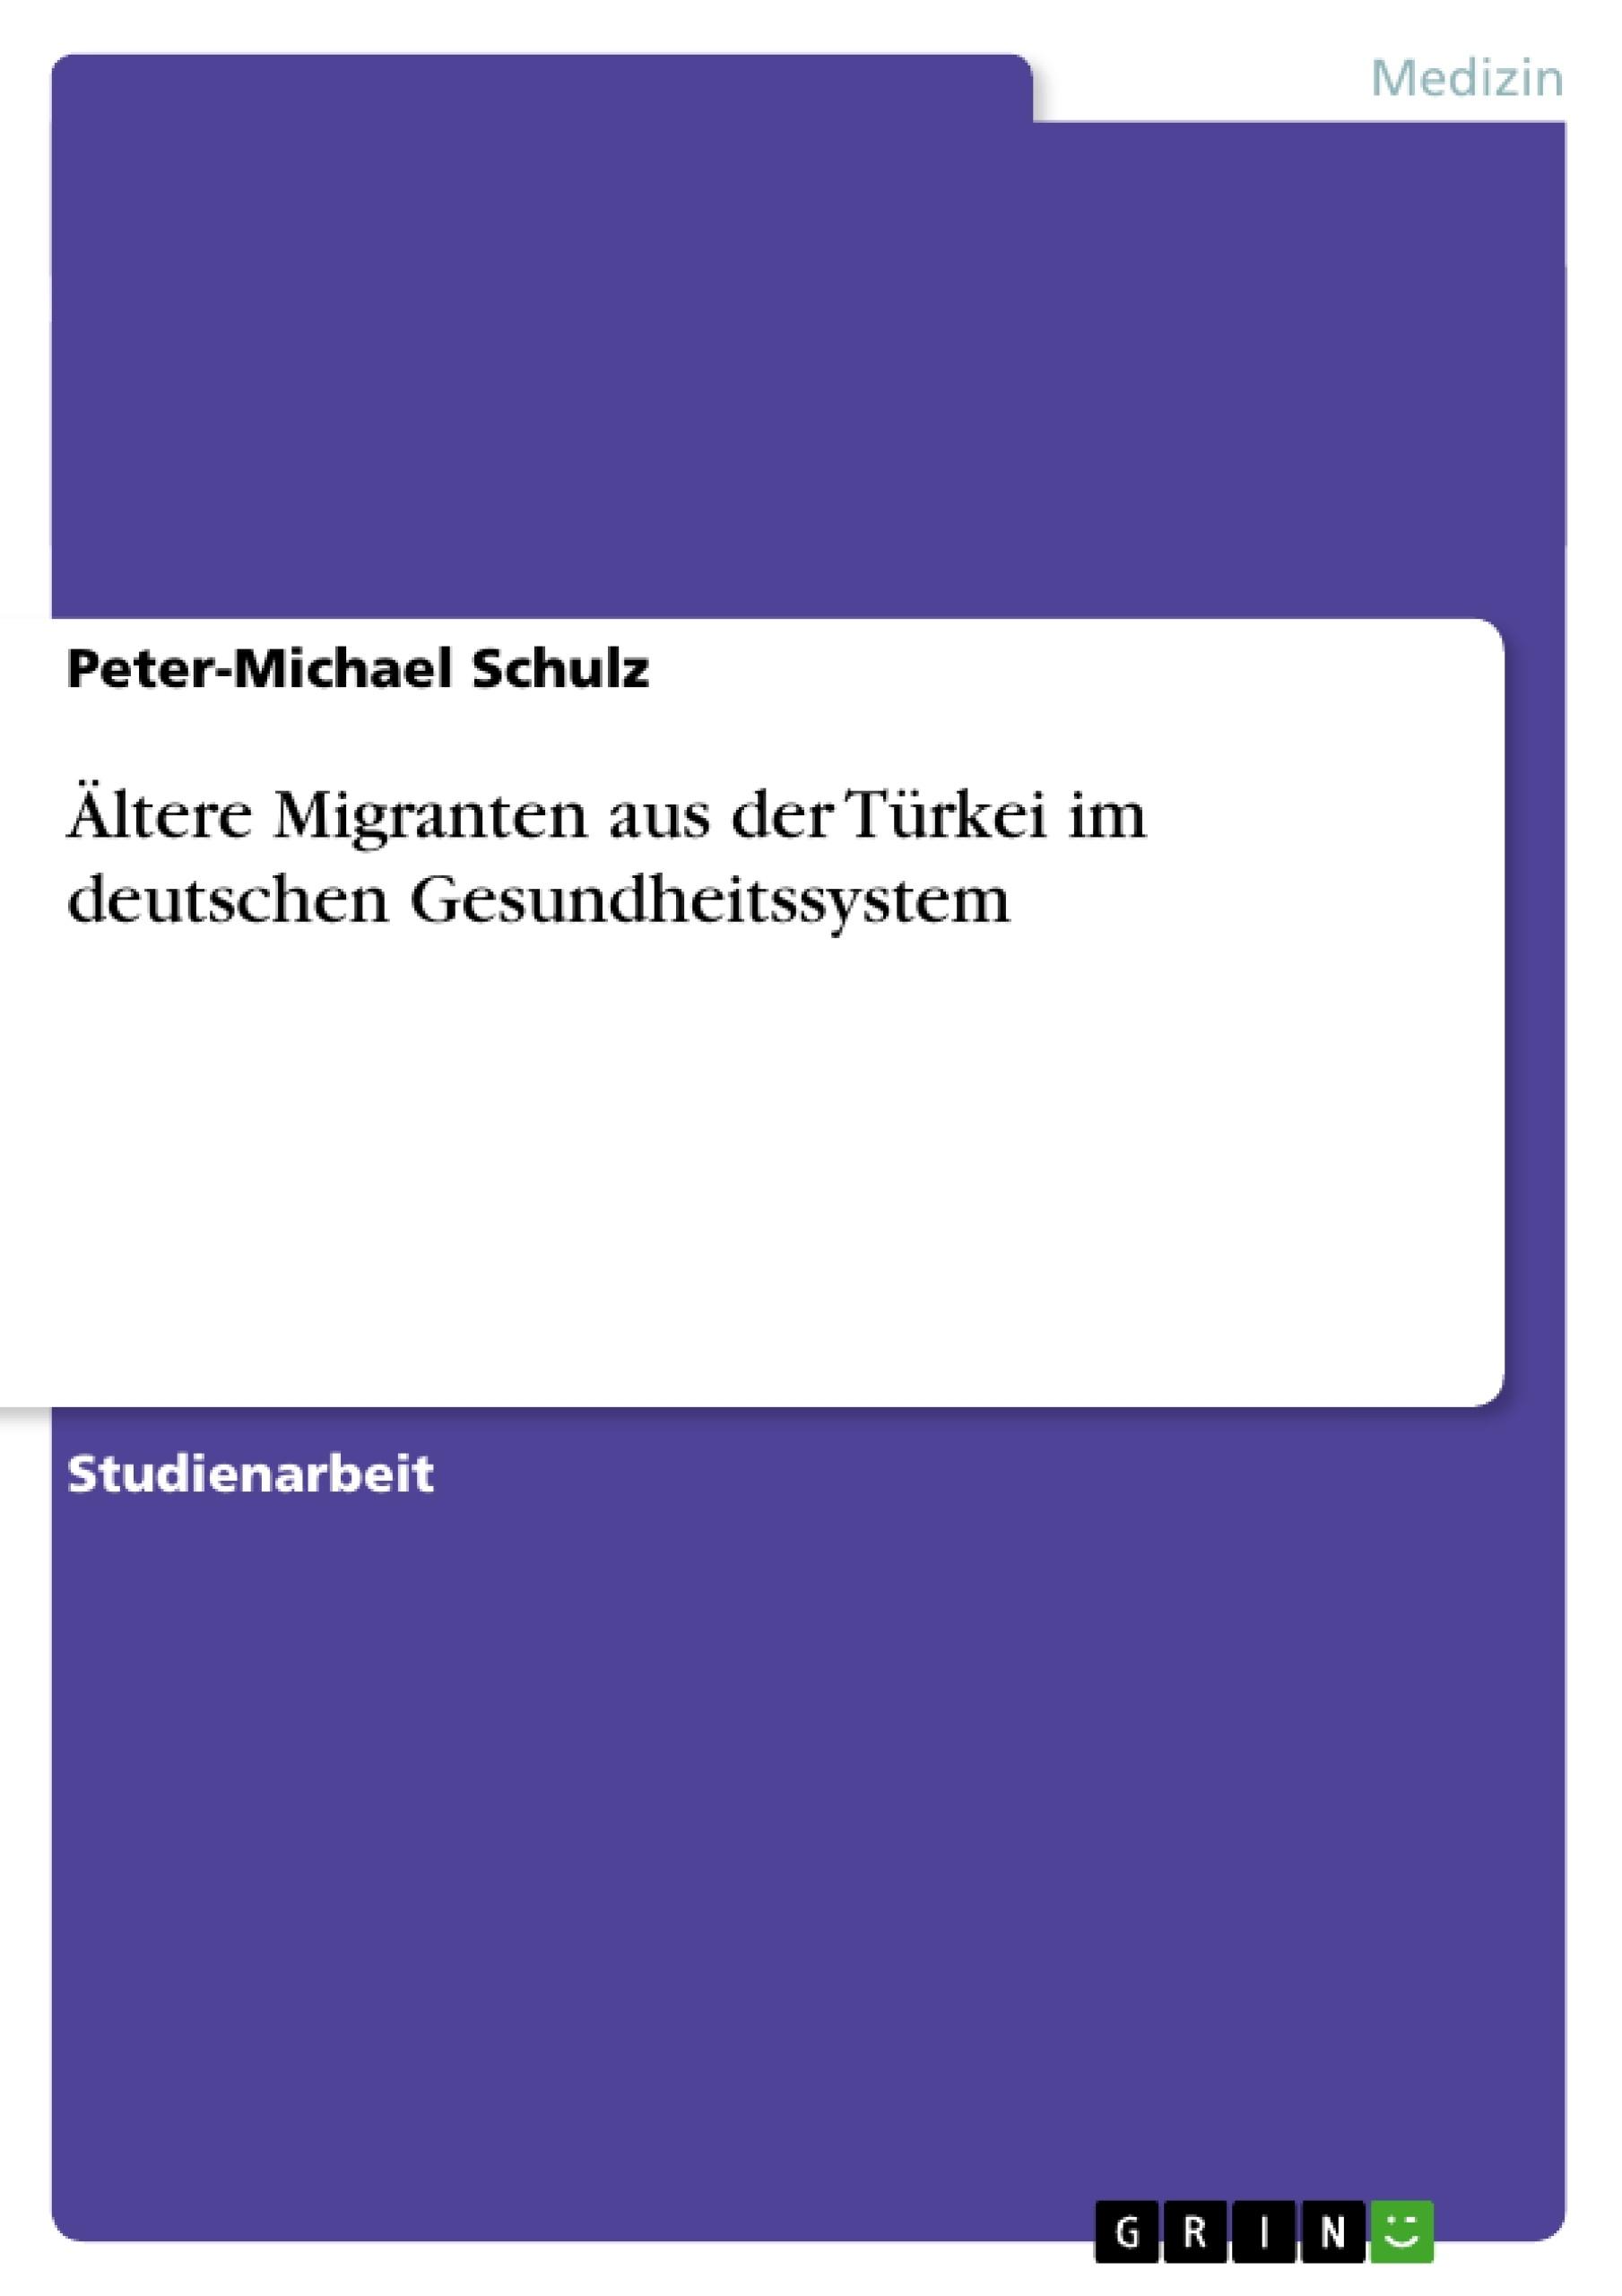 Titel: Ältere Migranten aus der Türkei im deutschen Gesundheitssystem